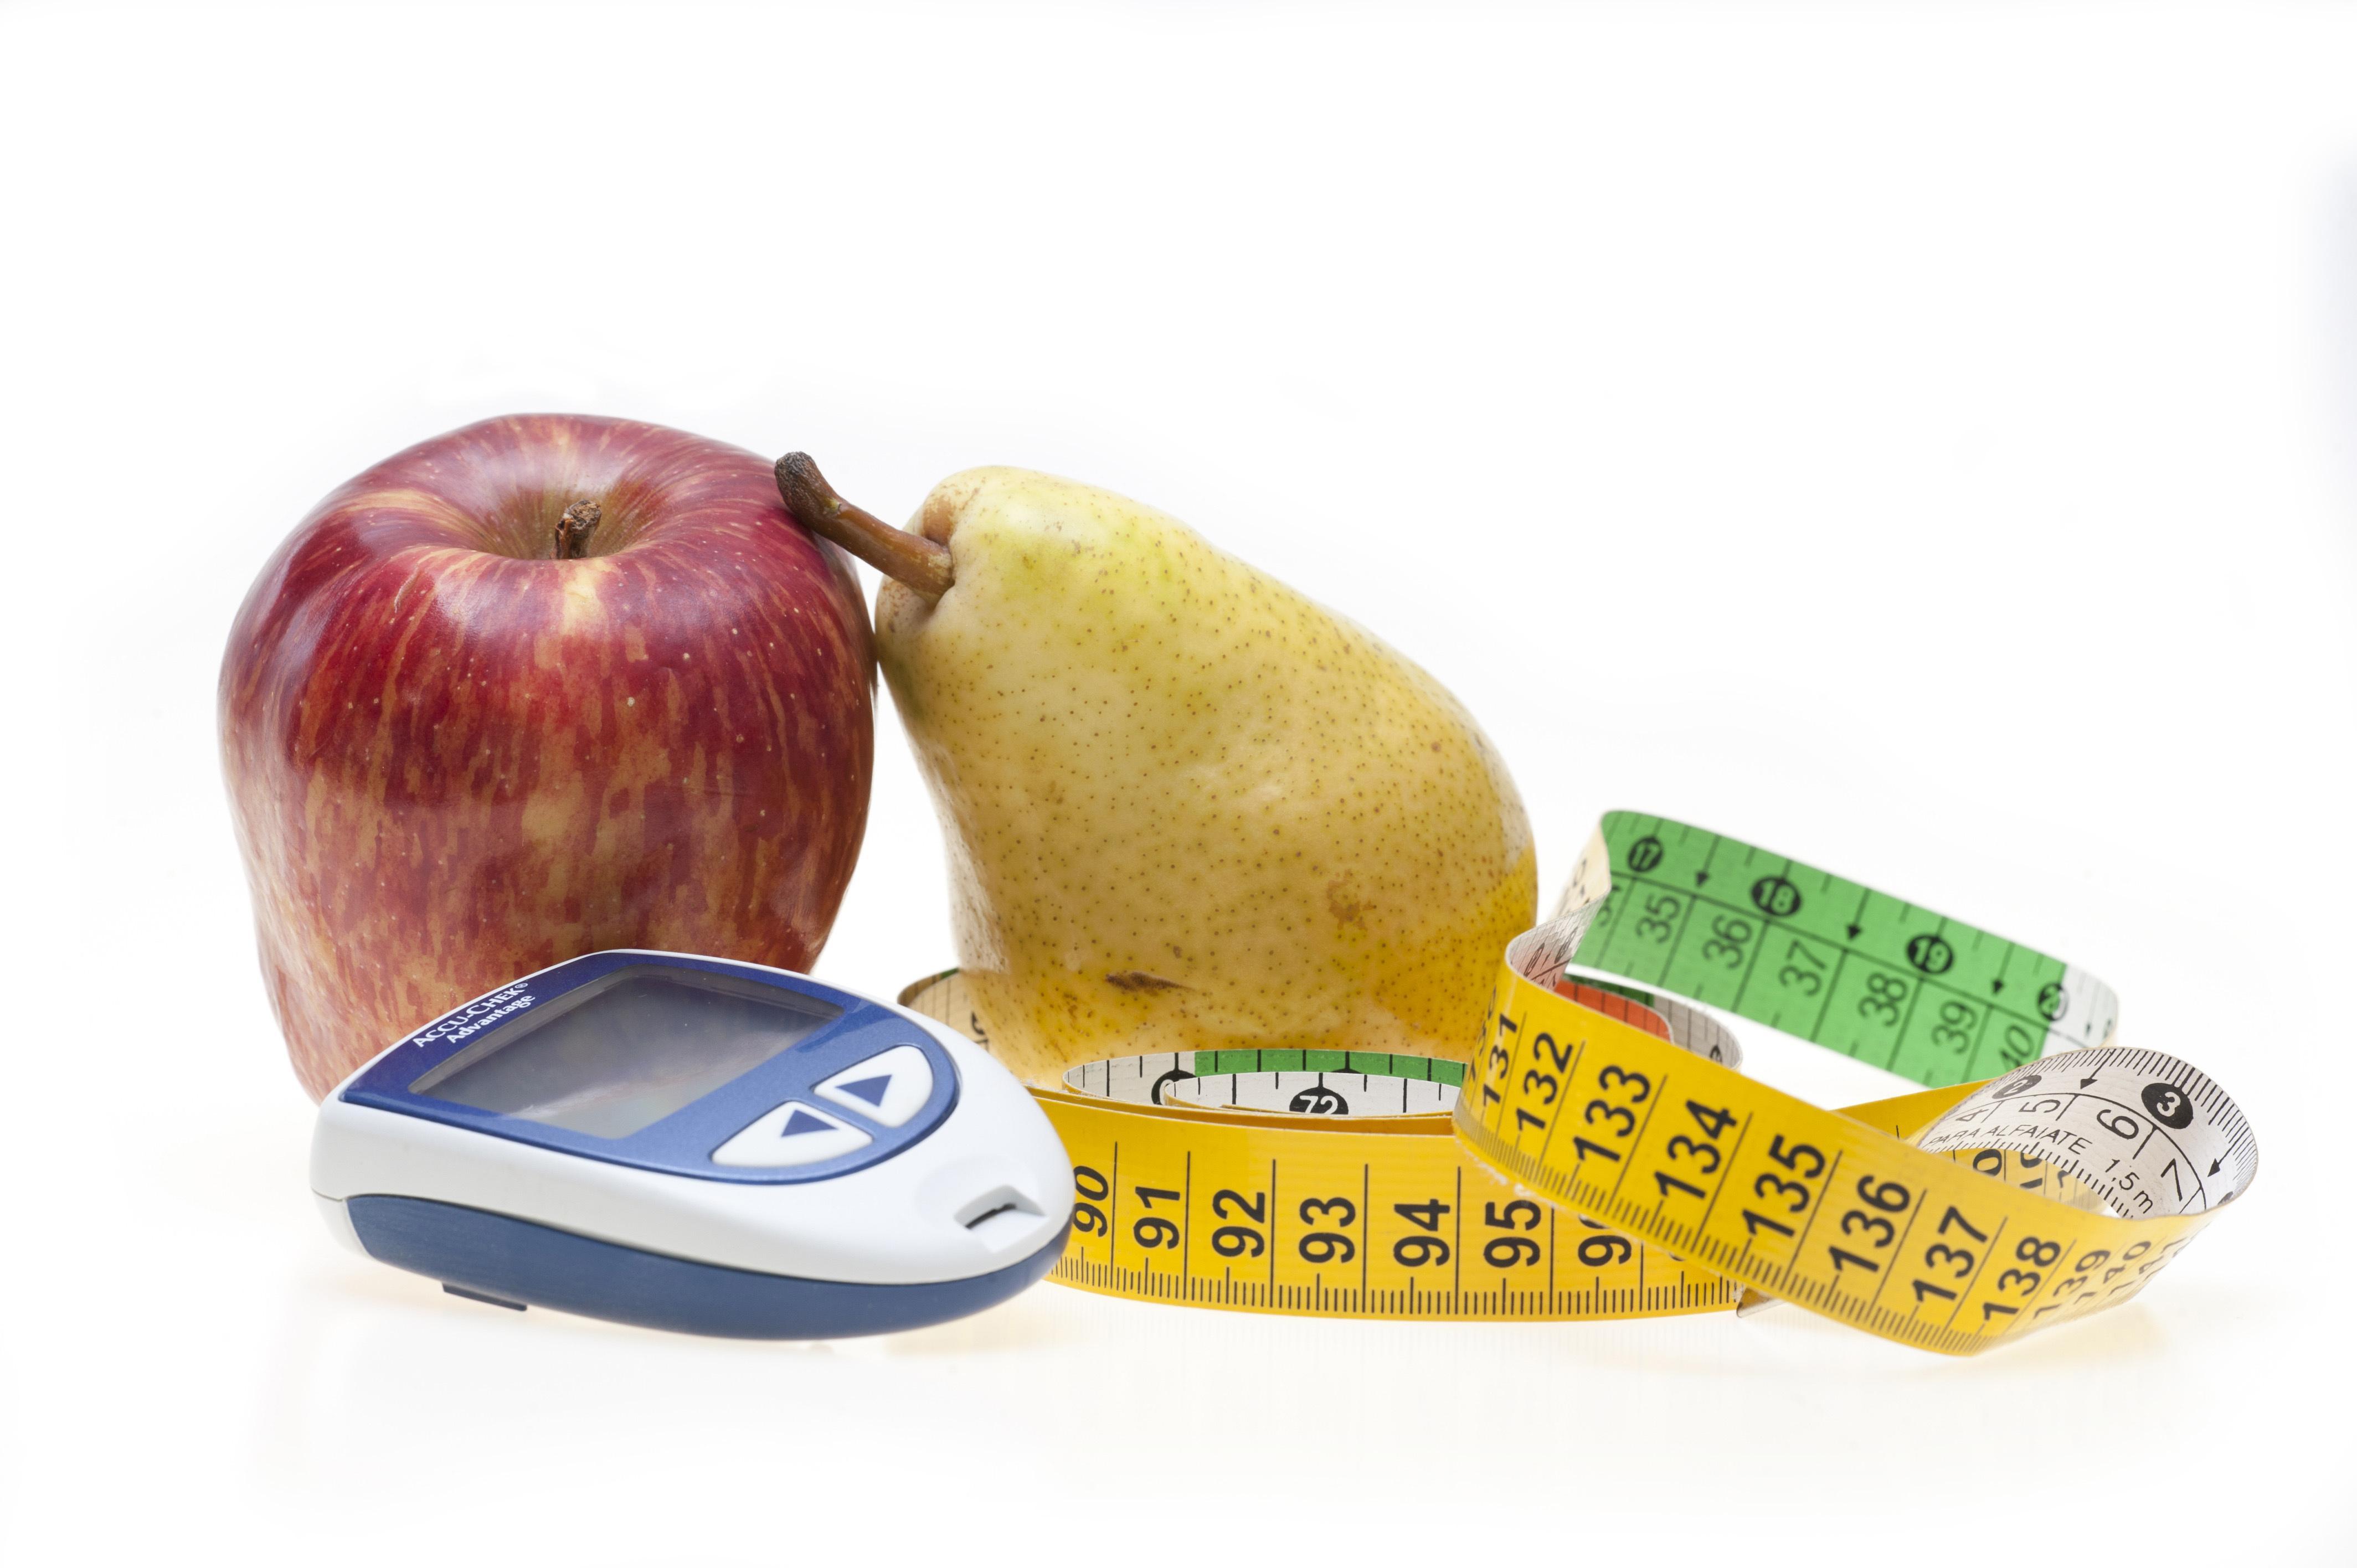 Ngoài chỉ số đường huyết và chỉ số HbA1c người bệnh cũng cần theo dõi thêm huyết áp, chỉ số BMI cơ thể, cholesterol, triglycerid máu, creatinin thận,…